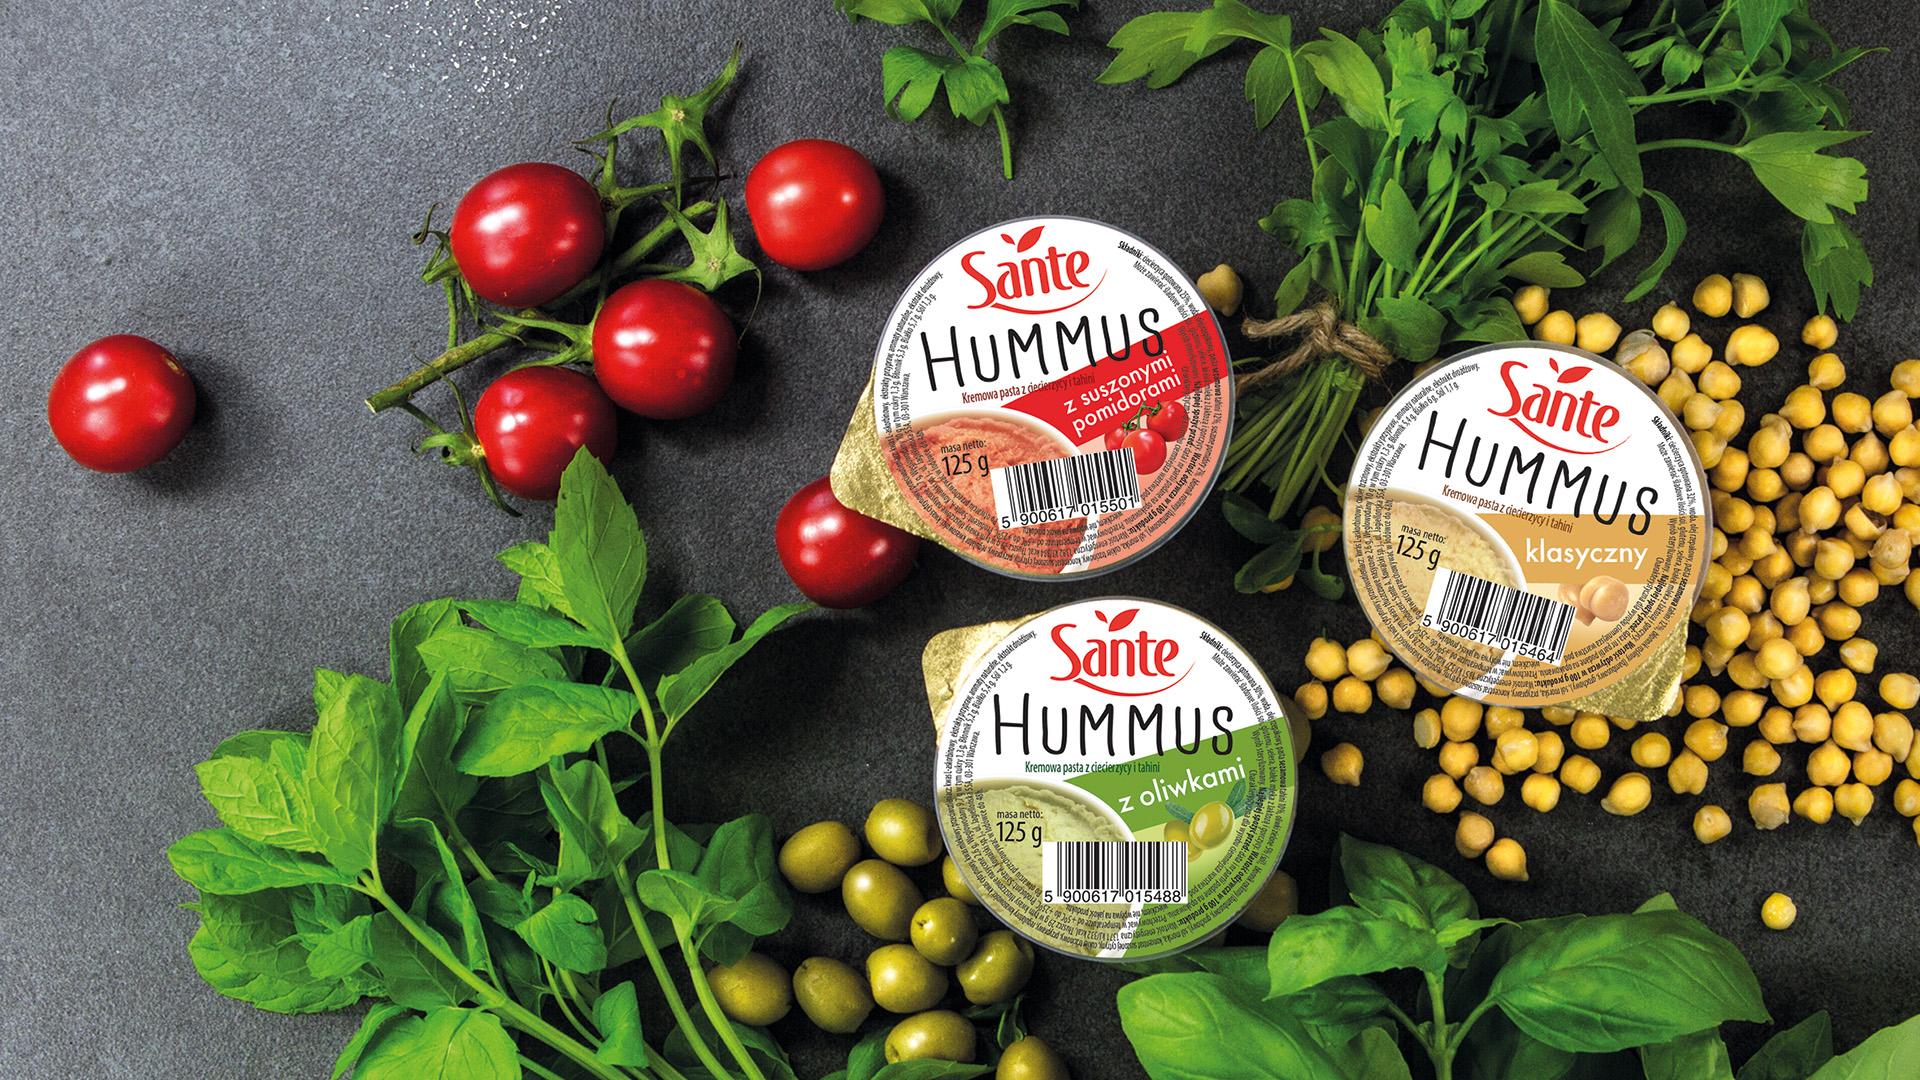 Sante Hummus